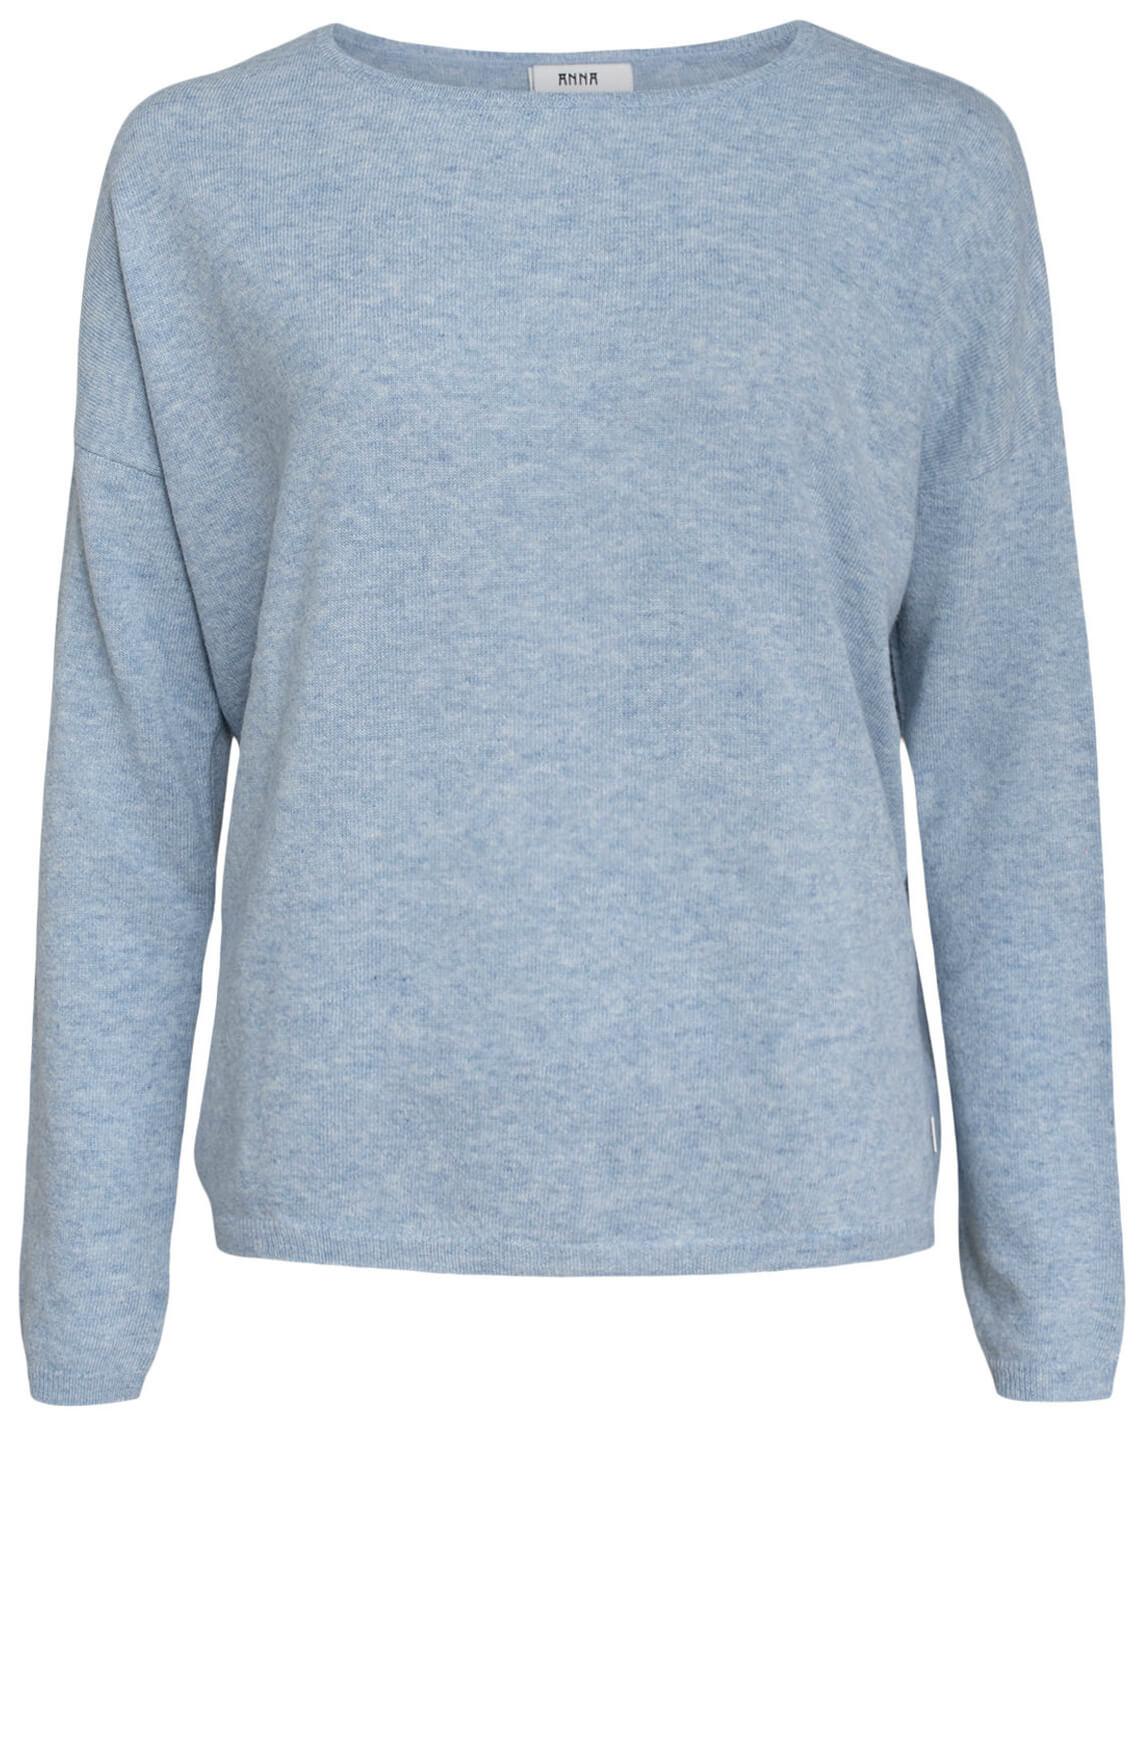 Anna Dames Wollen pullover Blauw